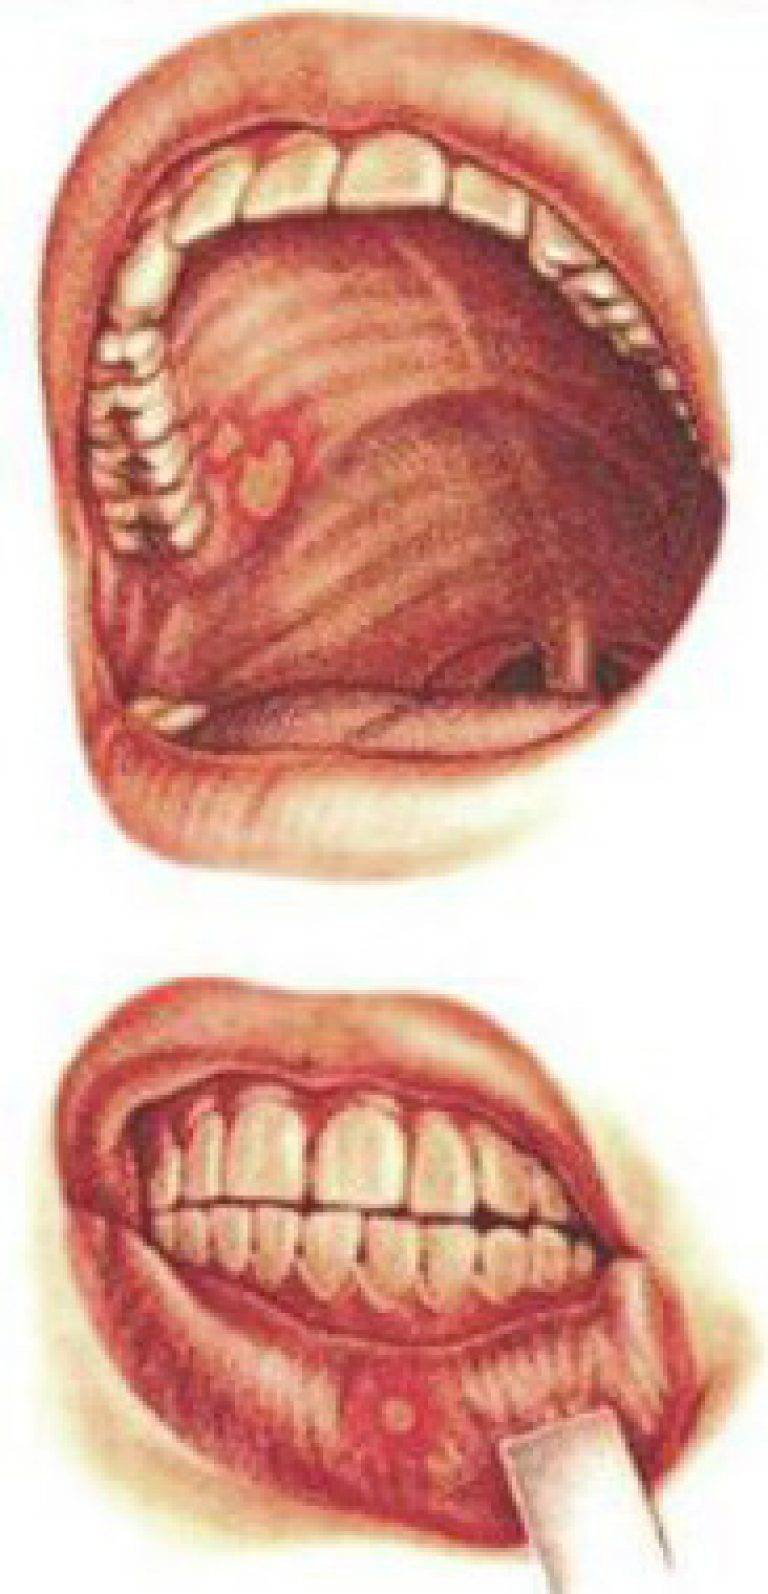 Почему на внутренней стороне губы или десне появился пузырь? прозрачный, кровянистый и другие